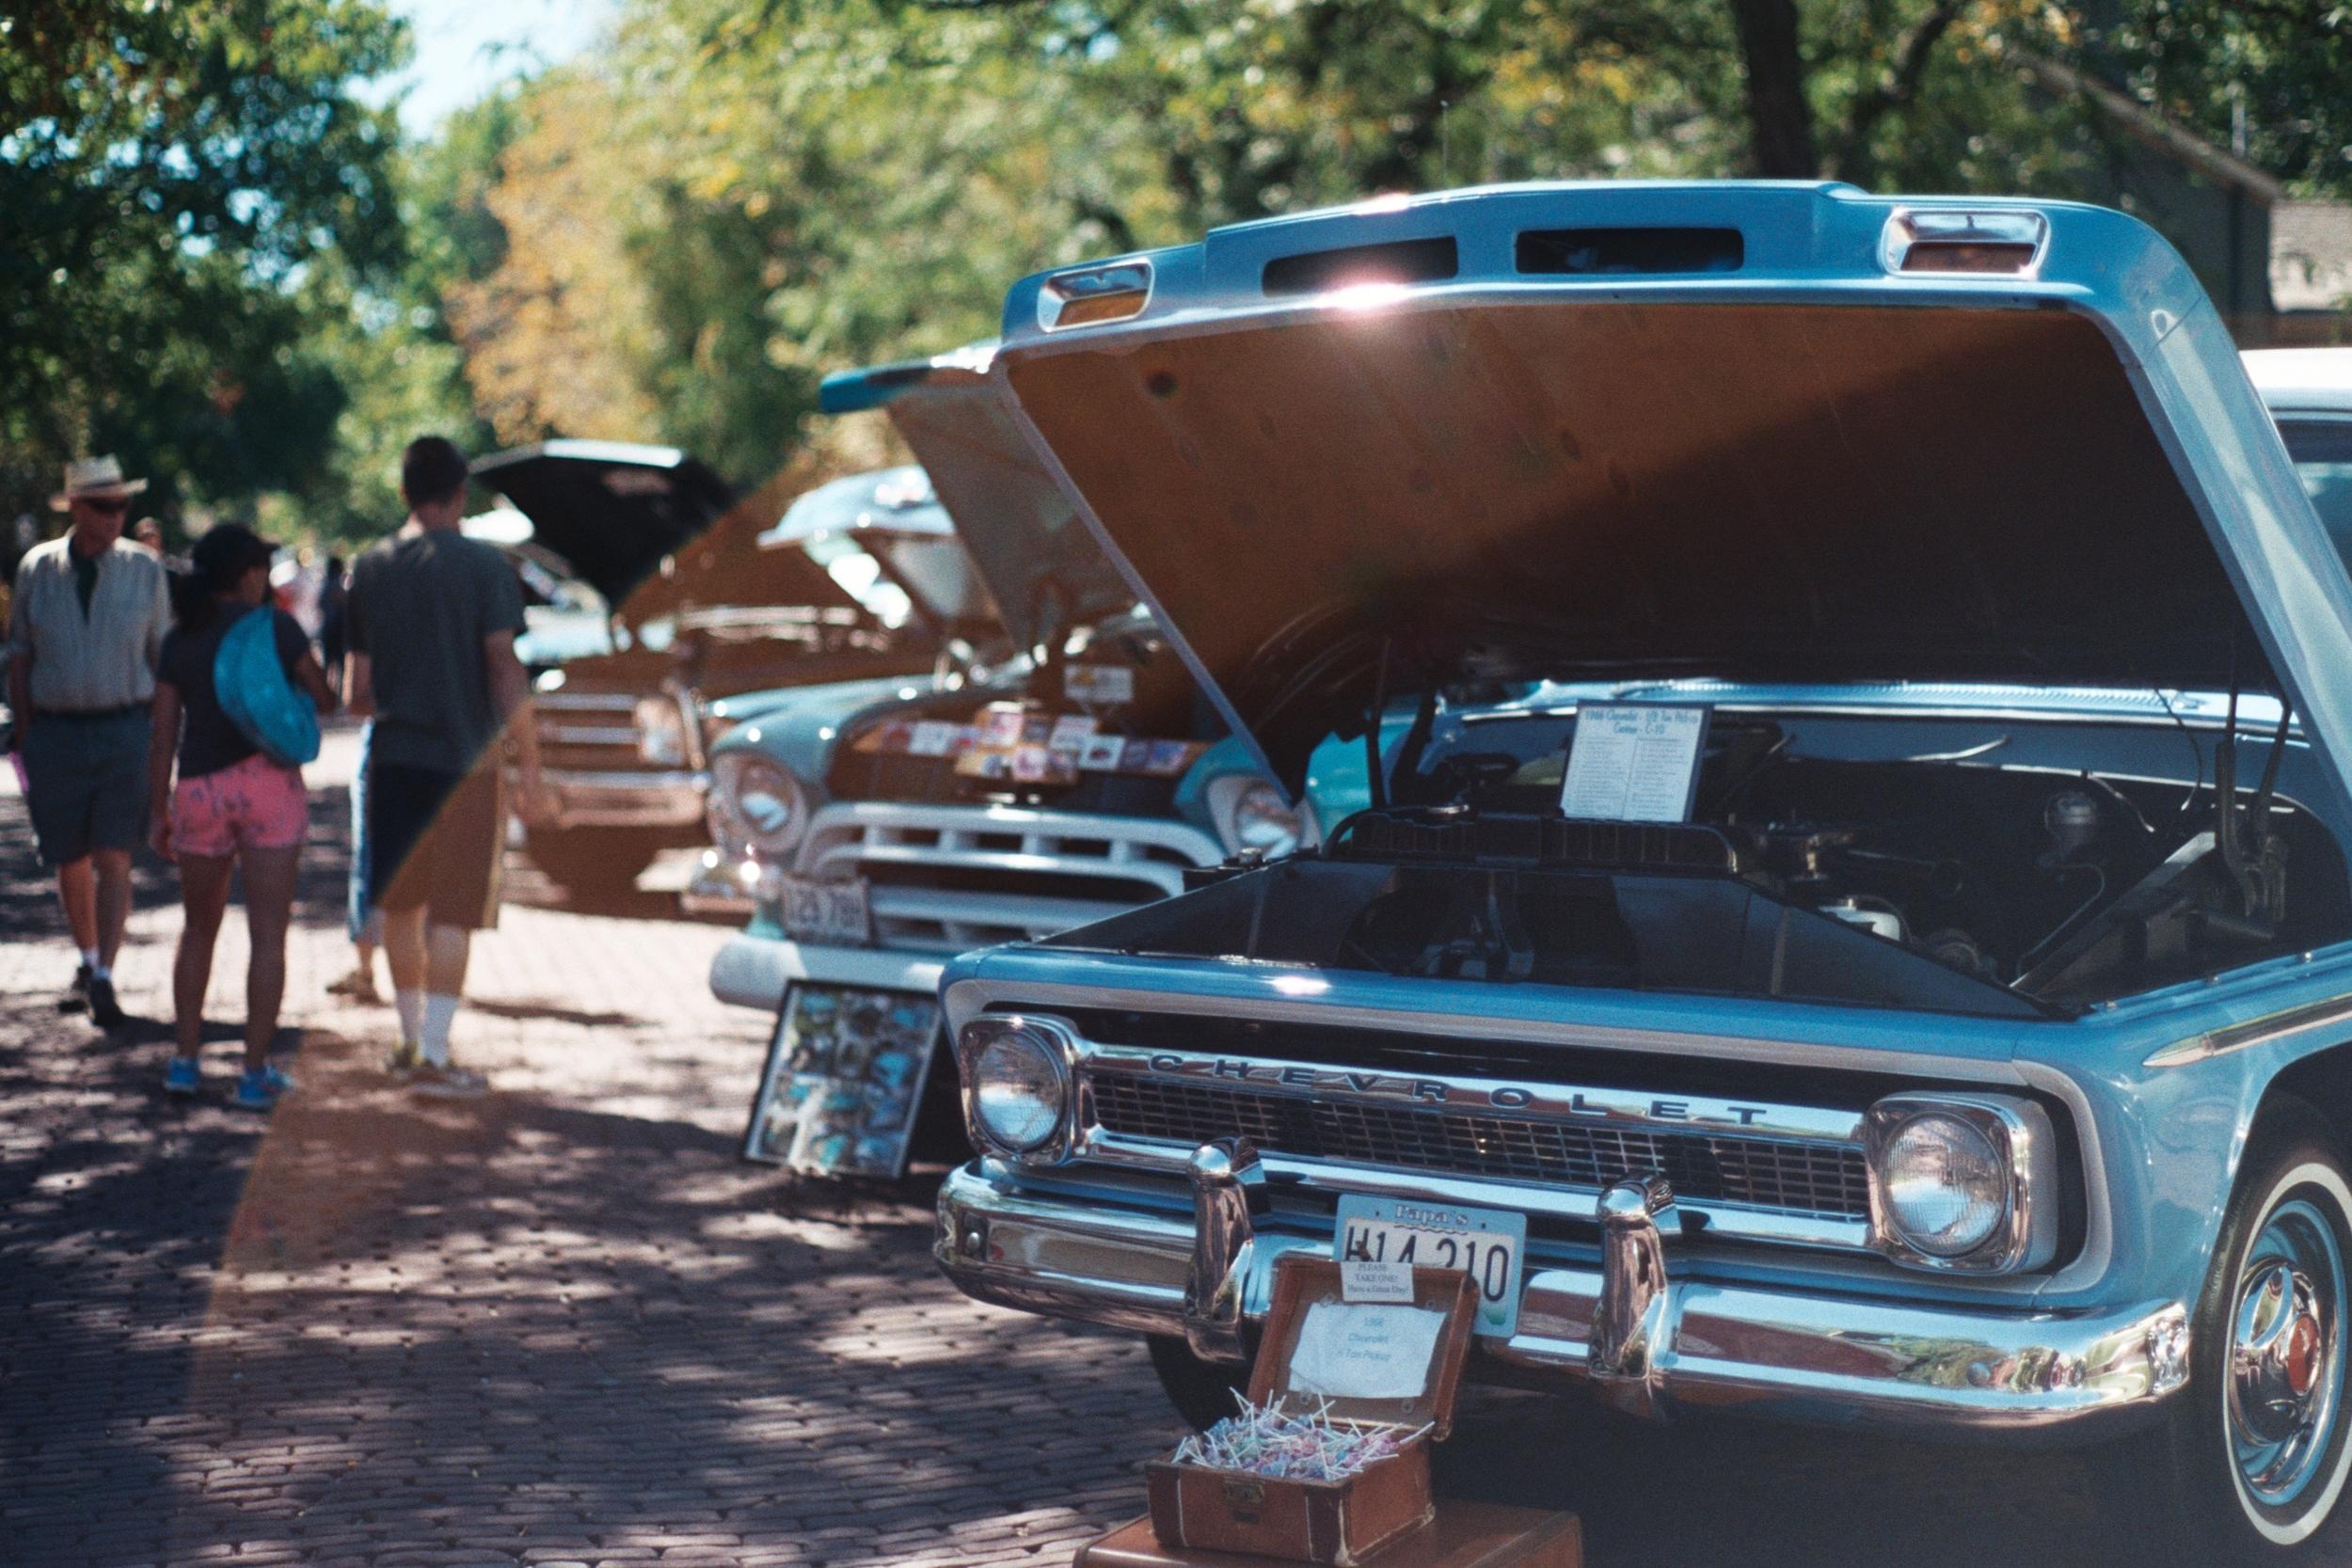 St. Charles Car Show